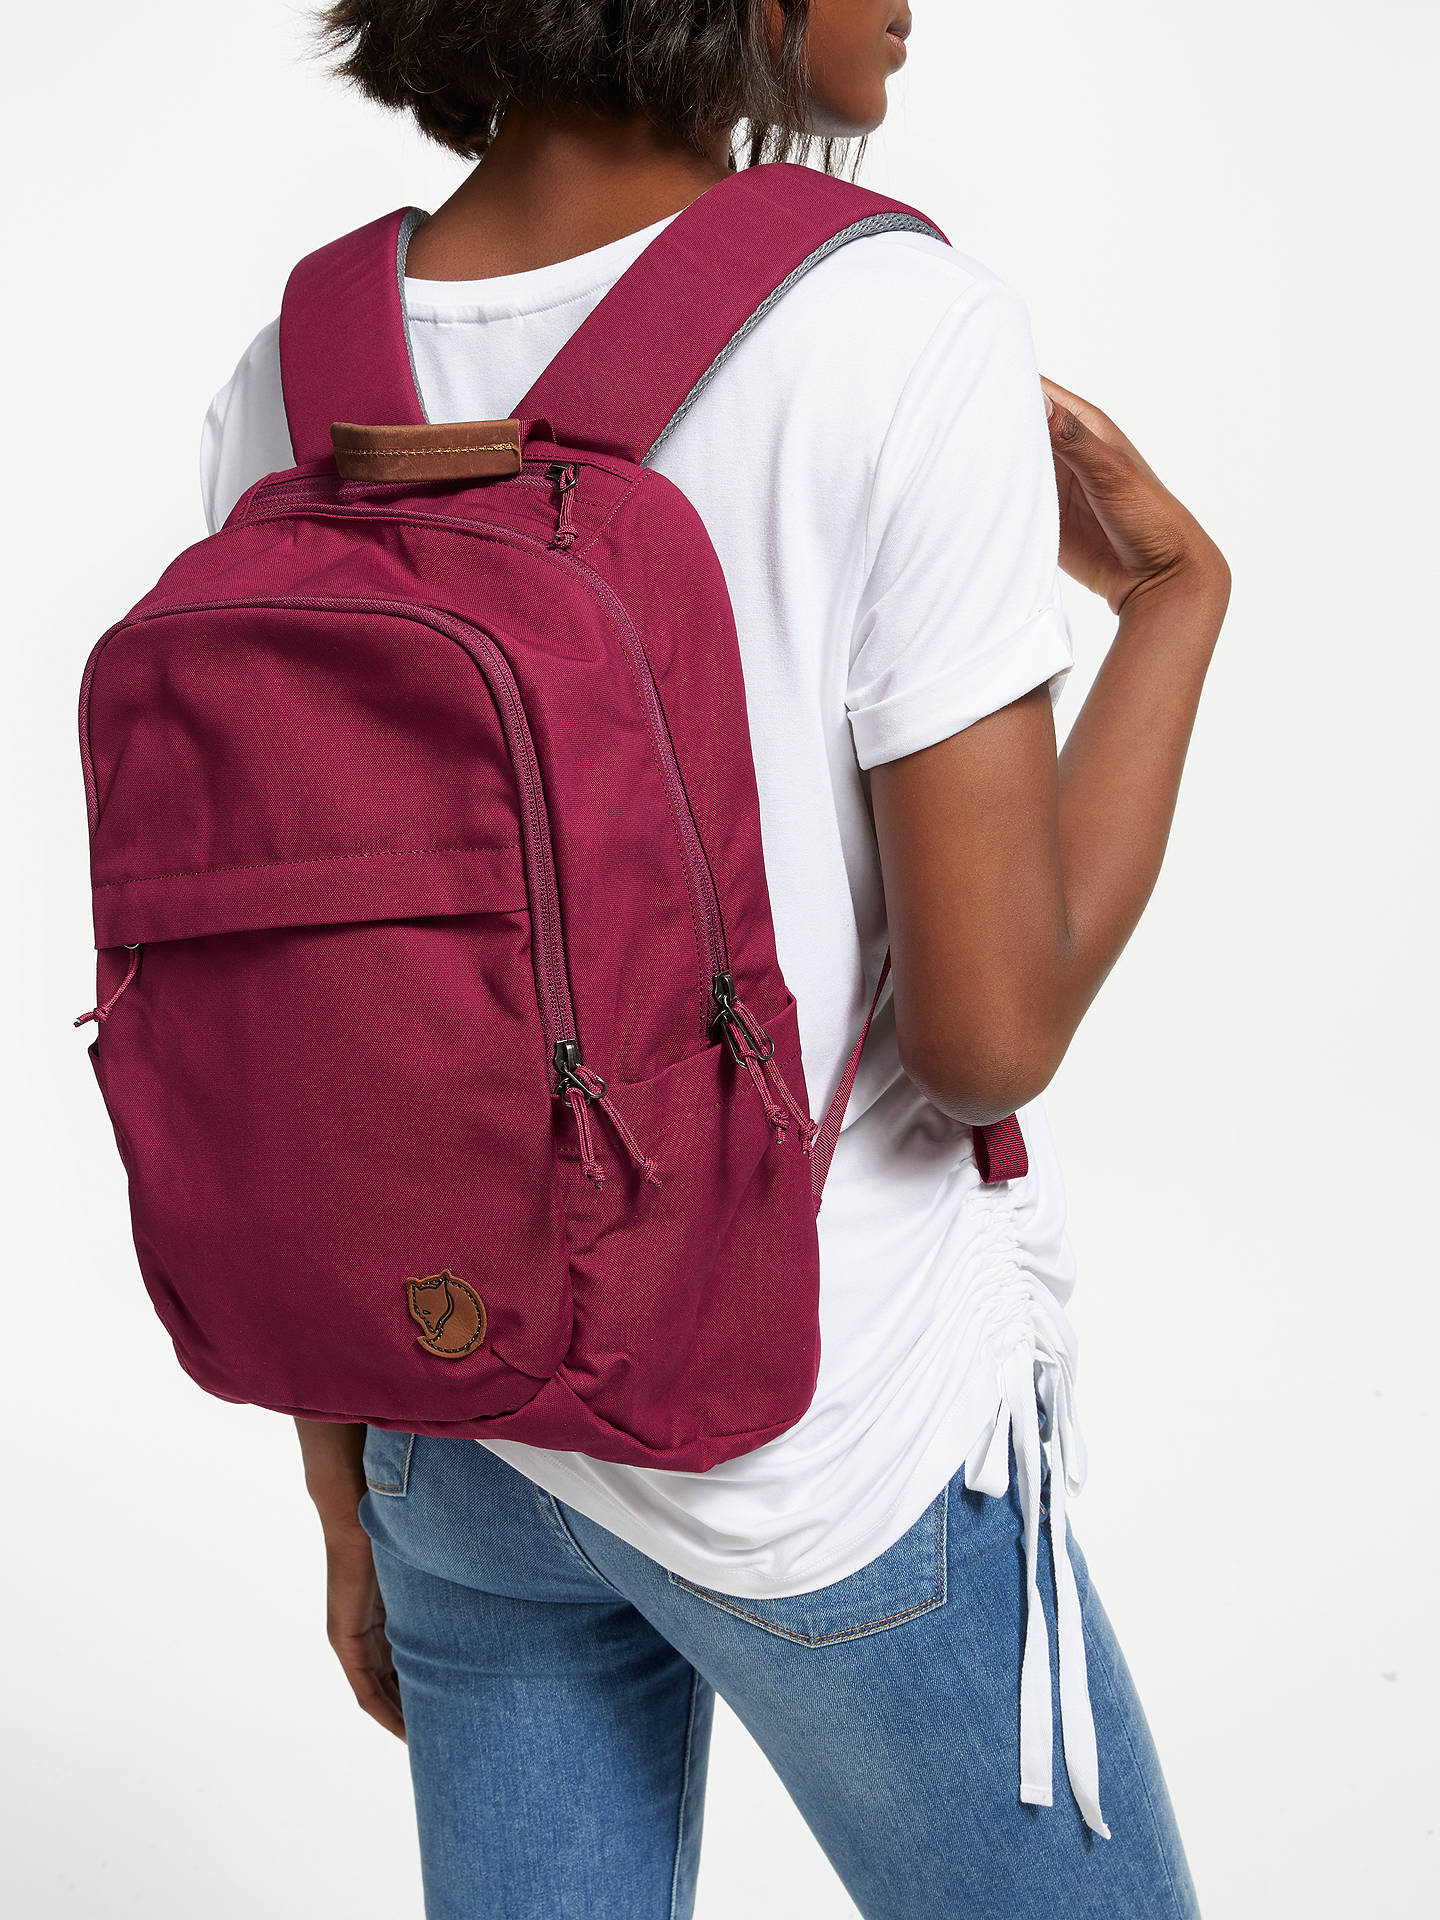 ... BuyFjällräven Raven 20L Backpack 5c6ae3222aa5e